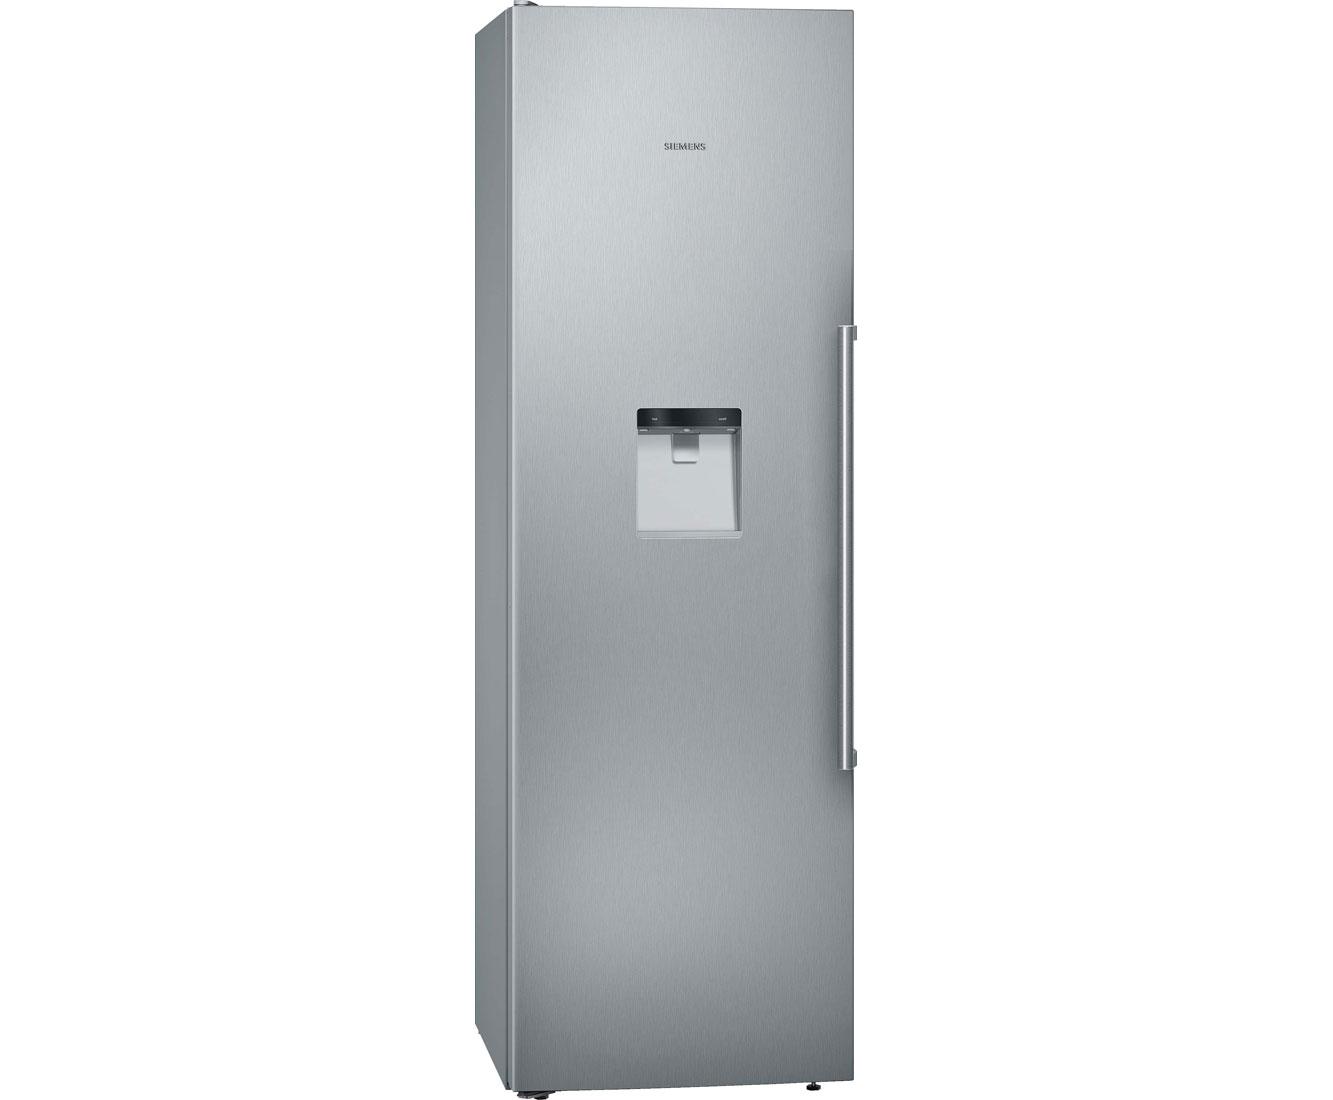 Siemens Kühlschrank Otto : Siemens kühlschrank otto otto küchen mit elektrogeräten free line